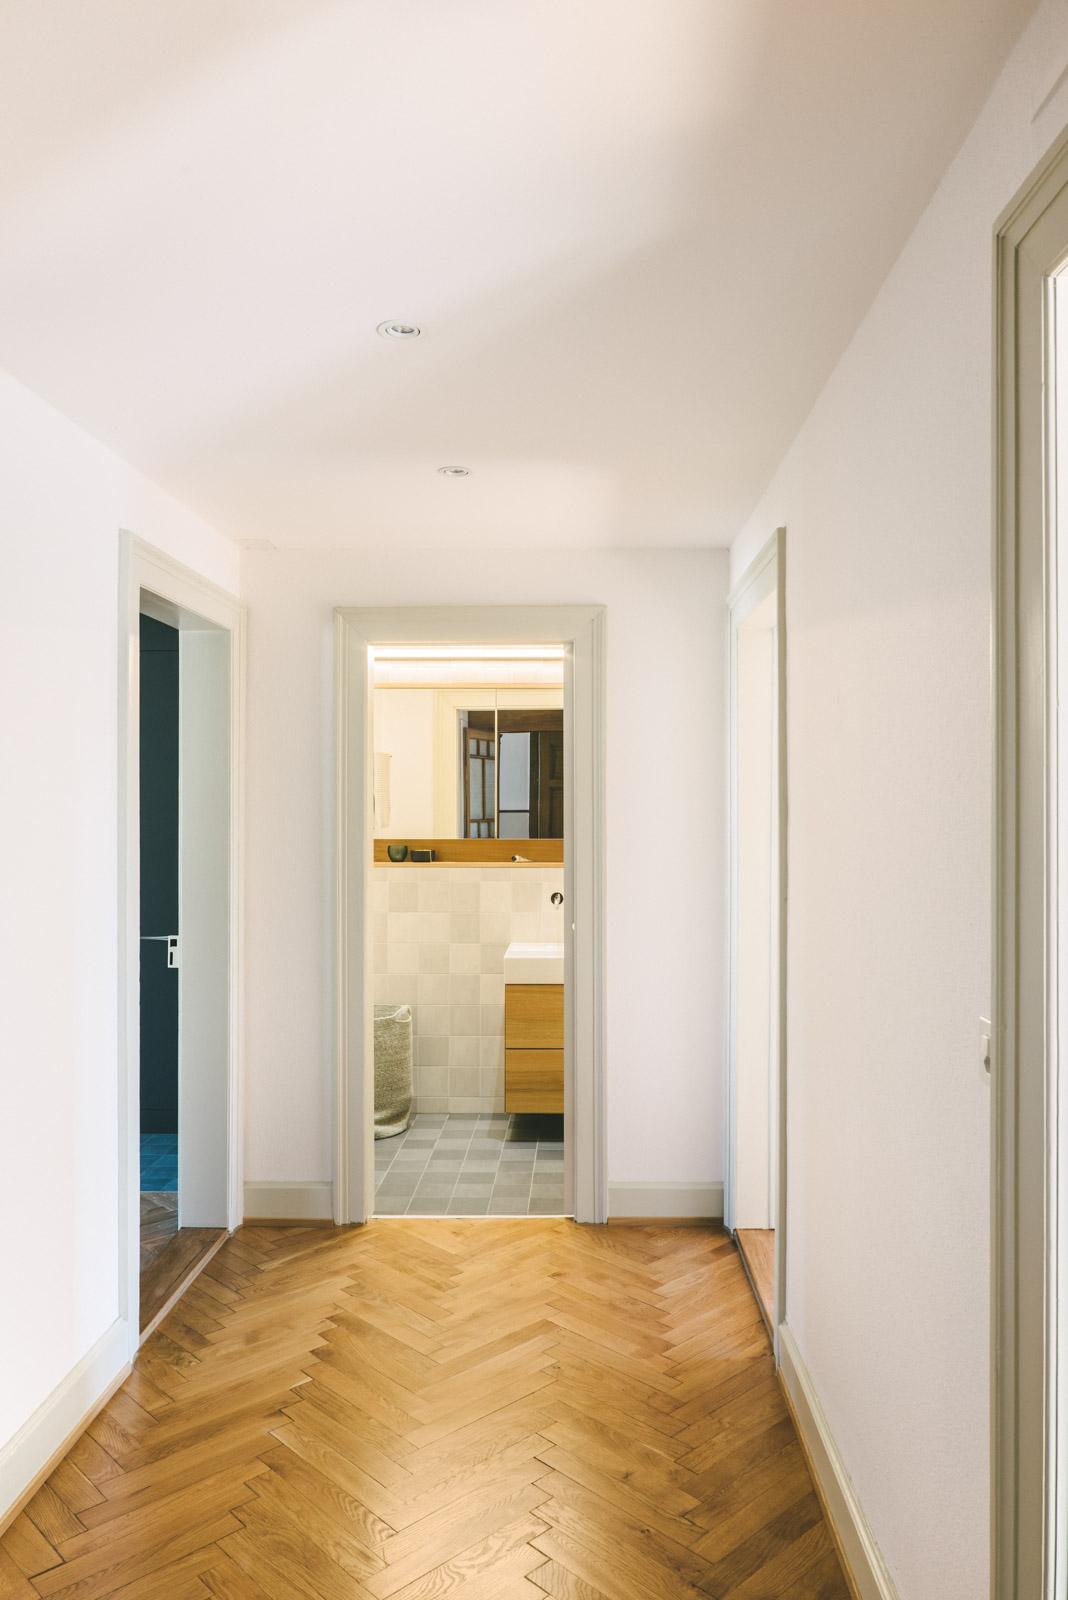 Umbau MFH Basel Korridor, Consilium Architektur und Baumanagement